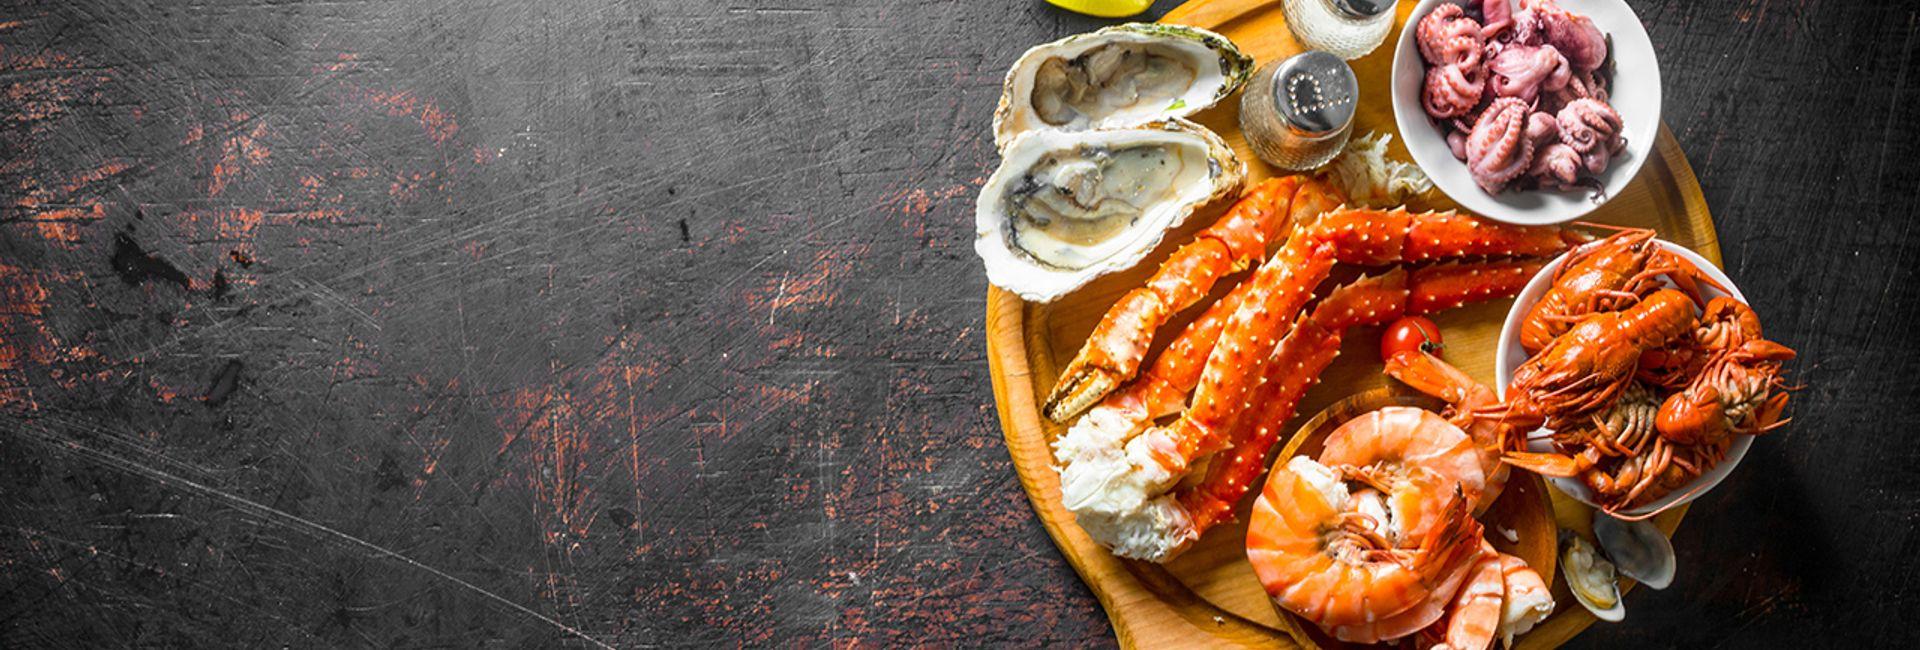 Top 10 nhà hàng hải sản tại Vũng Tàu ngon lừng danh